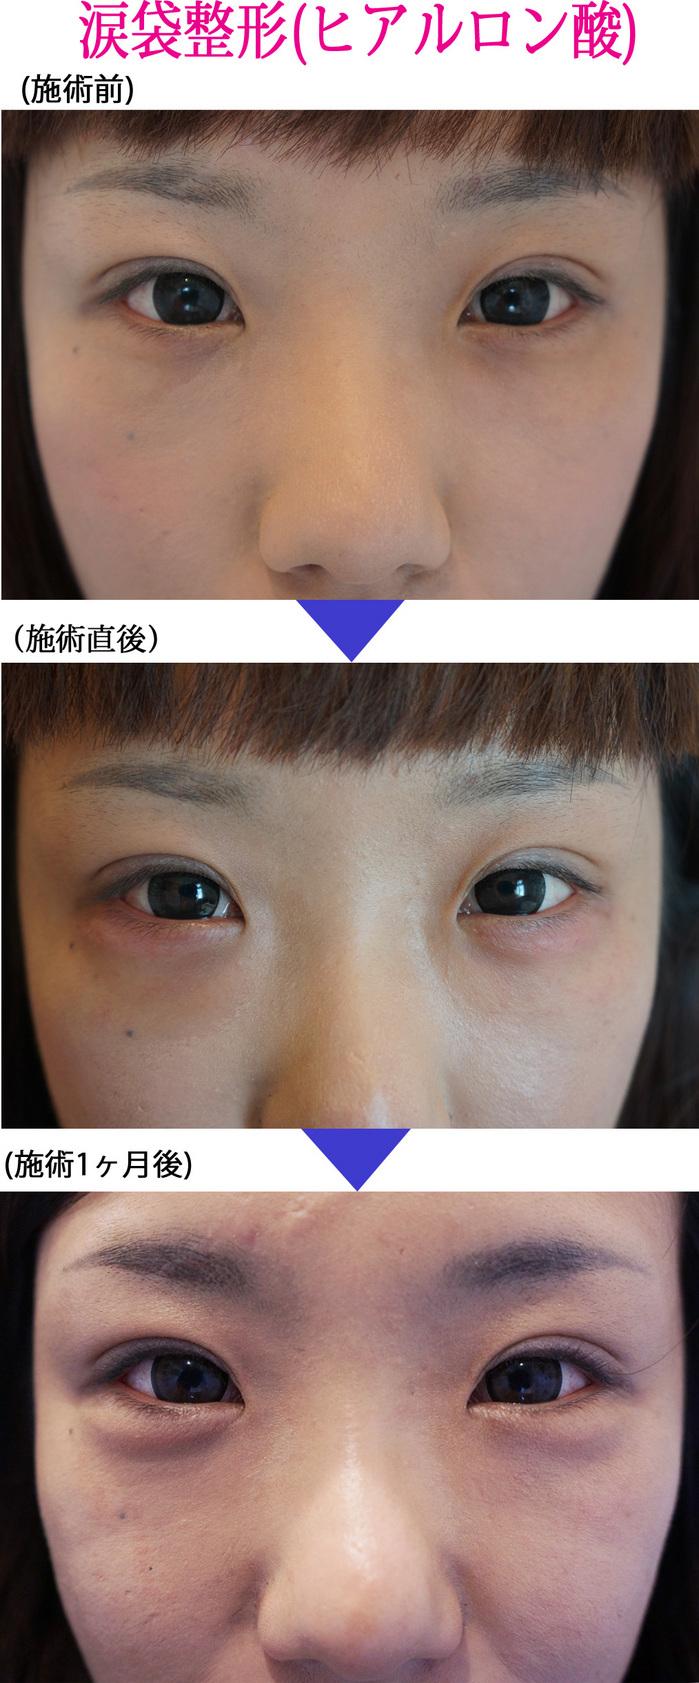 涙袋の整形で魅力的な目に//美容整形外科ピュアメディカルクリニック 奈良・大阪・京都・三重・和歌山